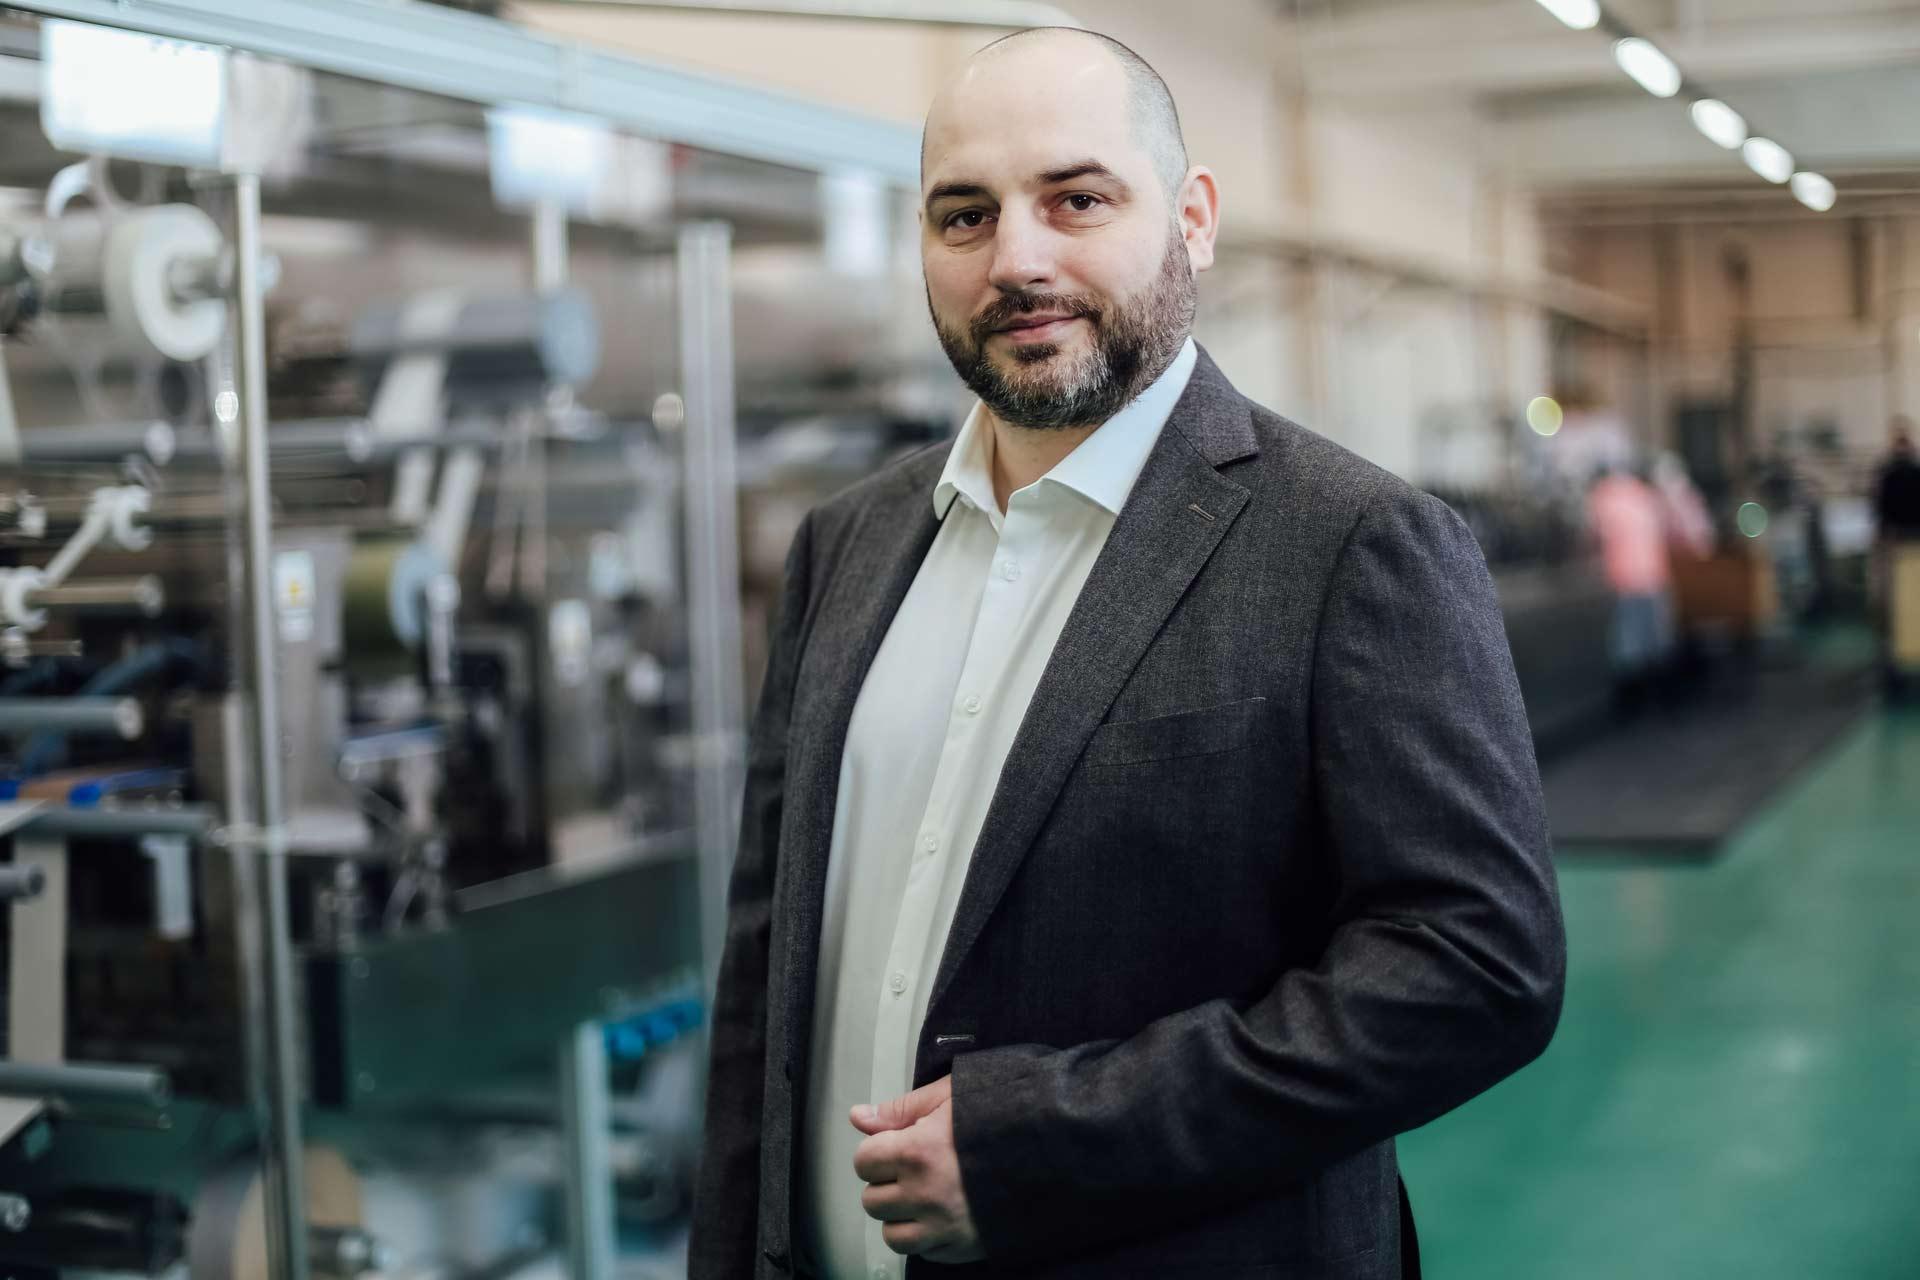 Спикер: Спичаков Павел, создание и развитие производственного предприятия